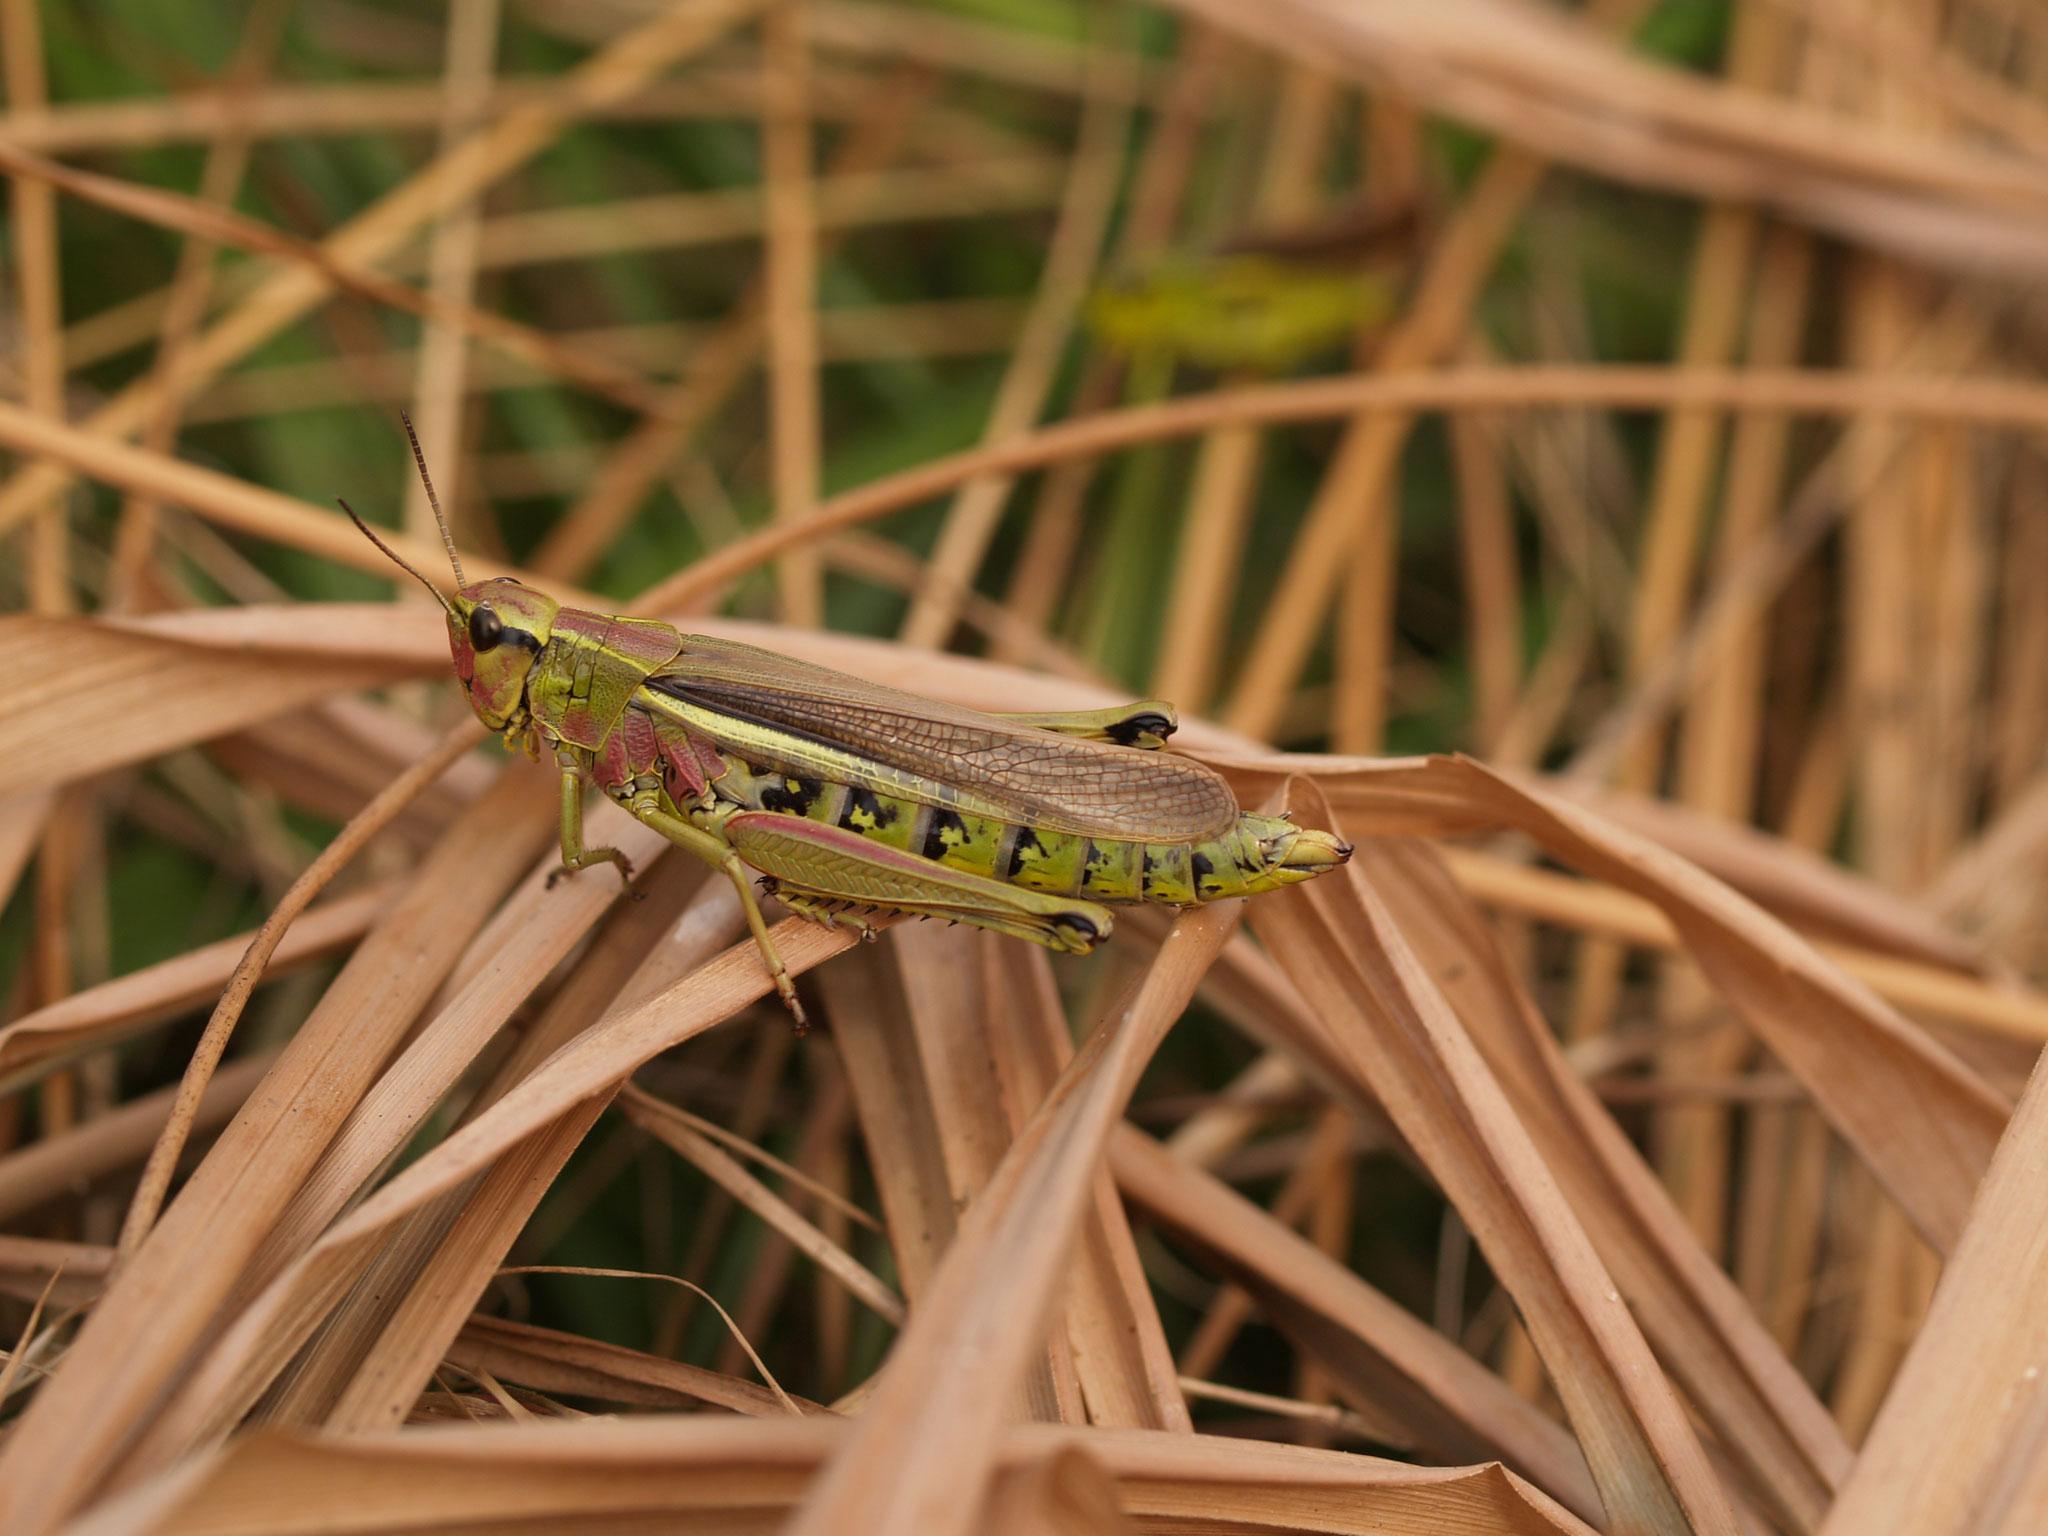 ...sondern auch für Insekten wie diese Sumpfschrecke. (c) Petra Altrichter